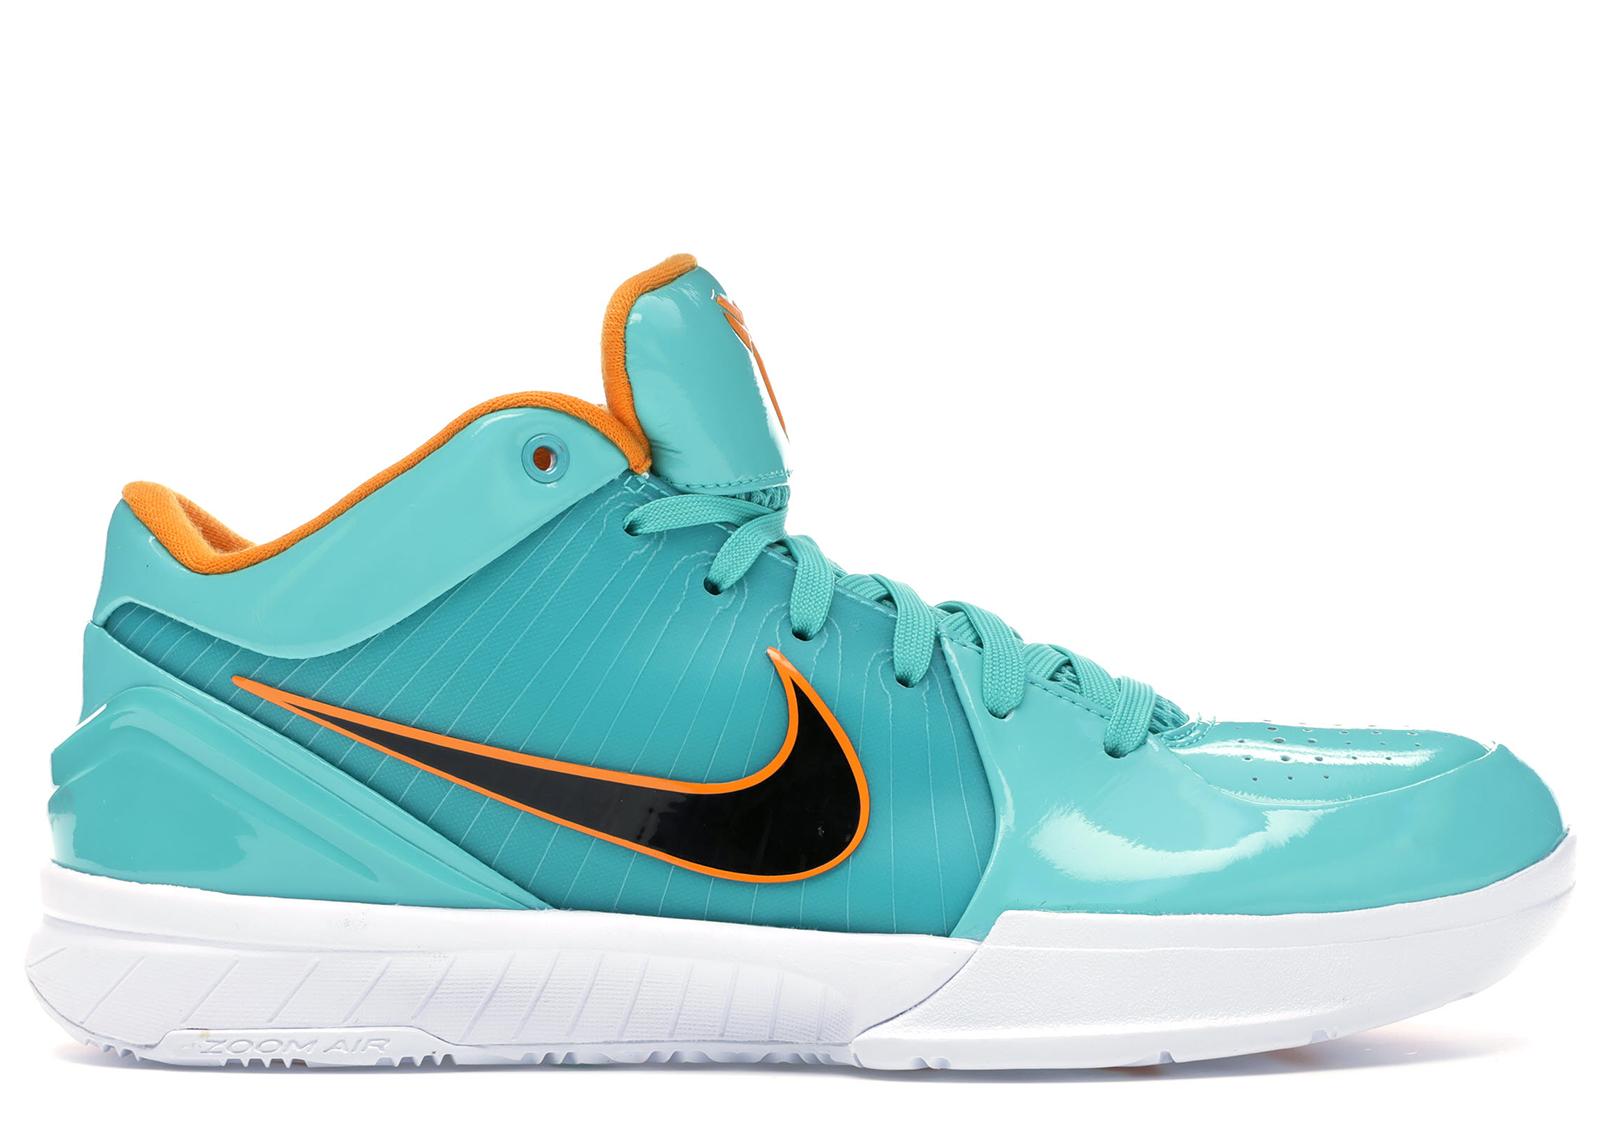 Nike Kobe 4 Protro Undefeated San Antonio Spurs - CQ3869-300